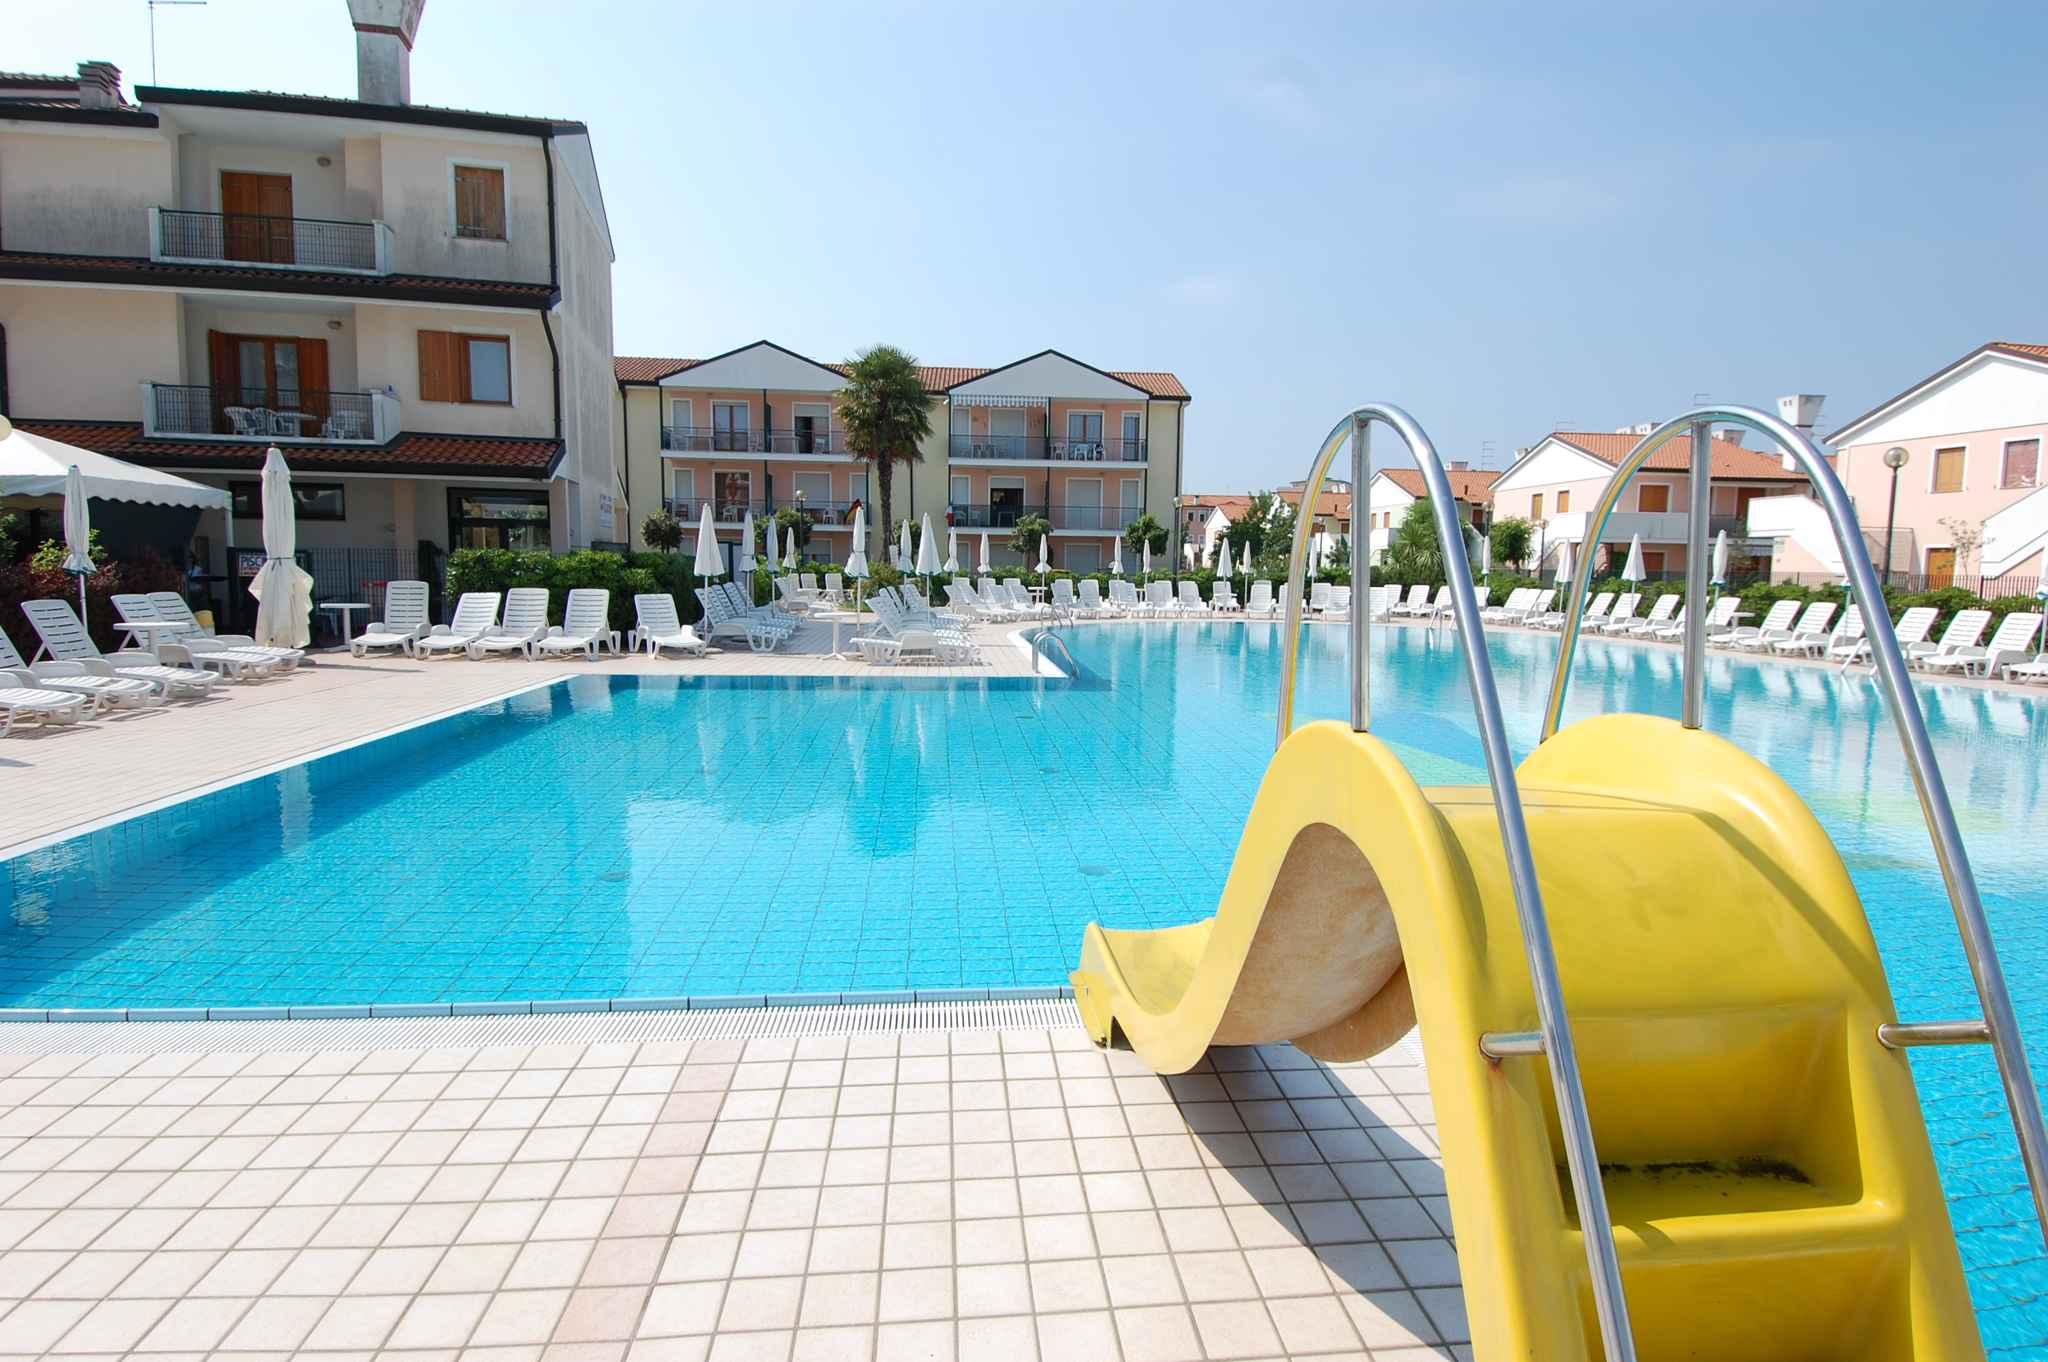 Ferienwohnung mit Pool (284308), Rosolina Mare, Rovigo, Venetien, Italien, Bild 6